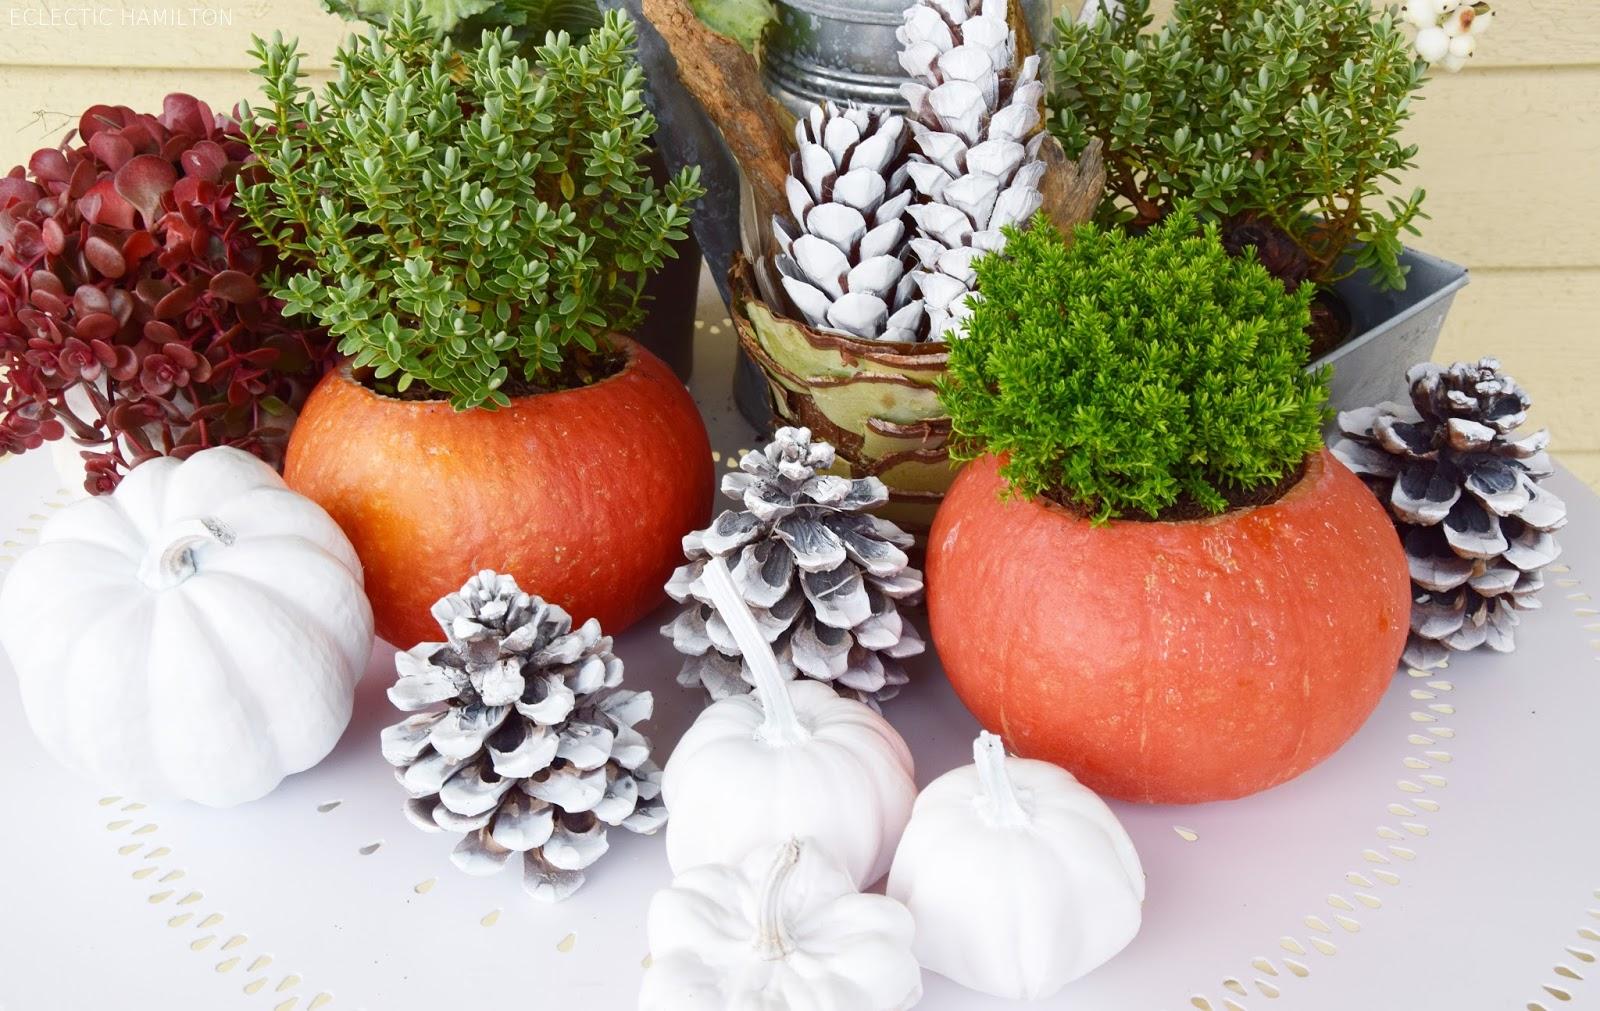 Wir ihr aus Kürbissen tolle Übertöpfe basteln könnt! DIY, selbermachen, basteln, selbst gemacht, Kürbis, deko, dekorieren, dekoration, Herbst, Herbsdeko, Kürbisdeko